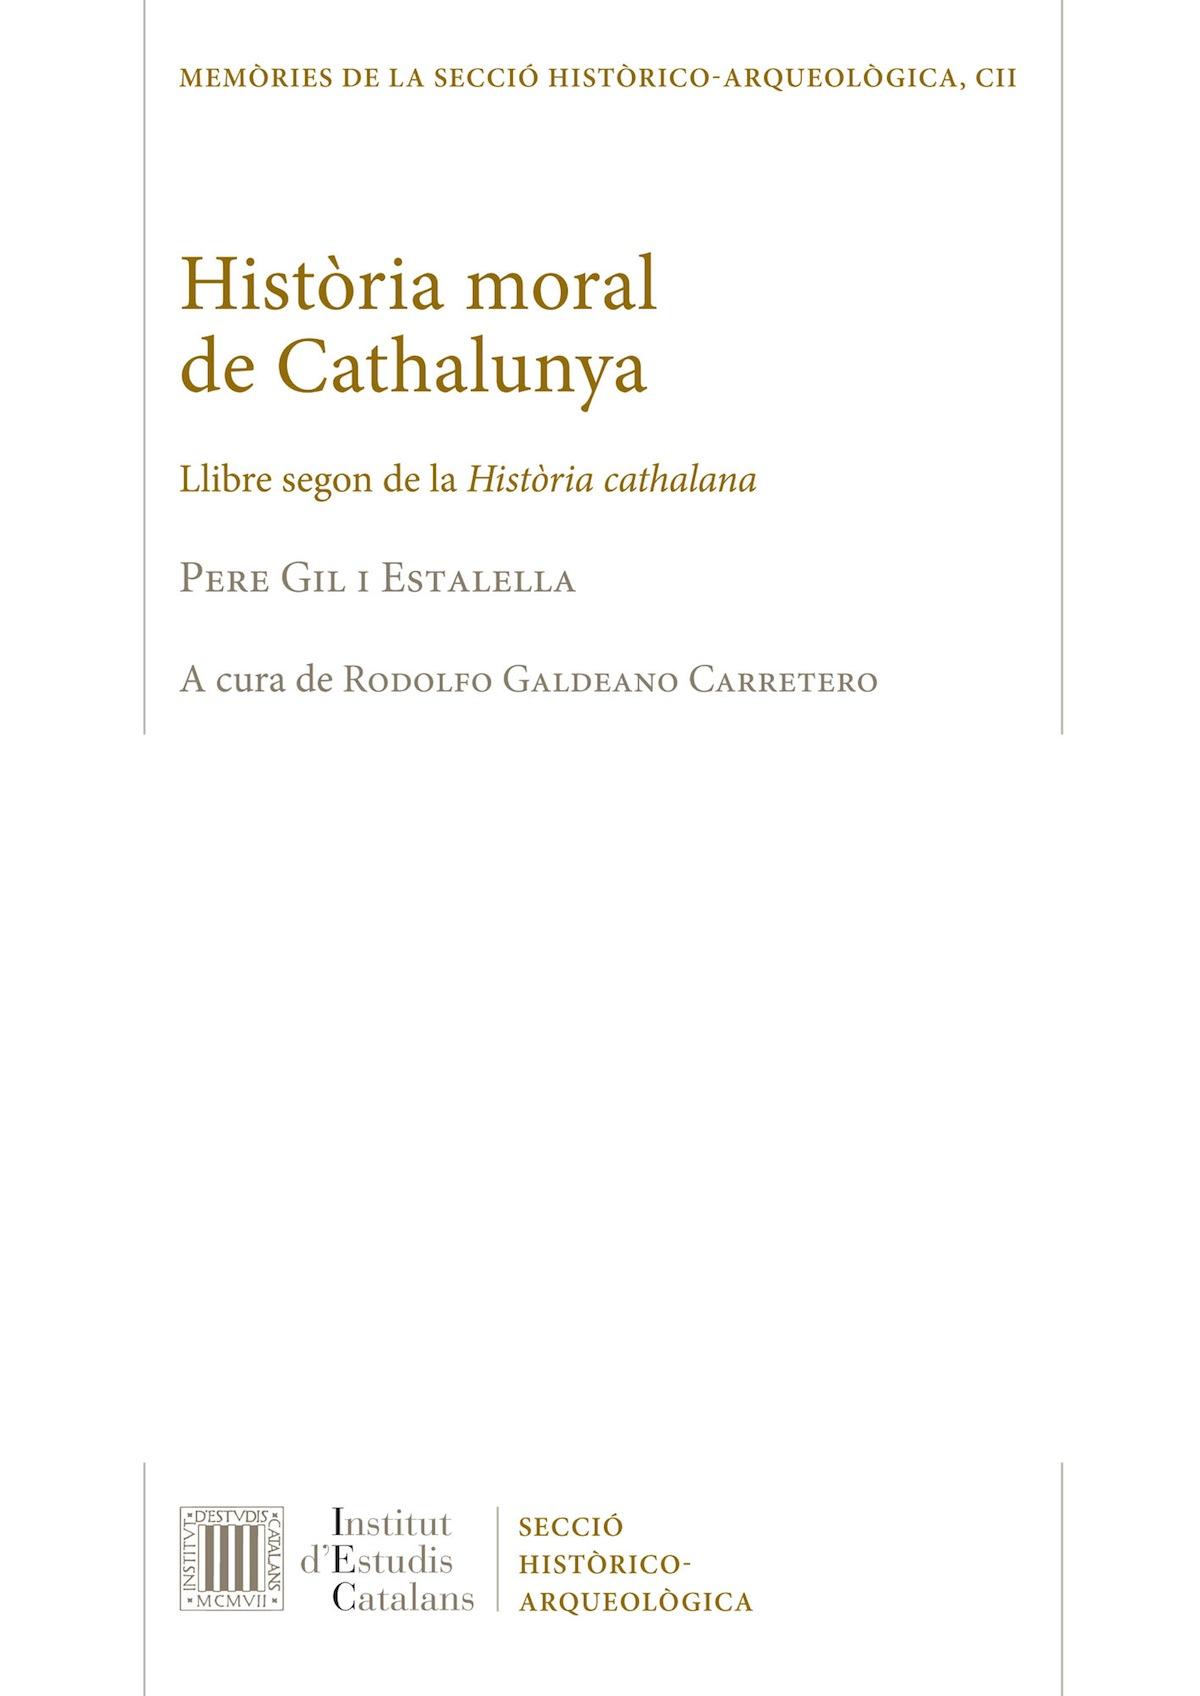 Pere Gil Història moral de Catalunya